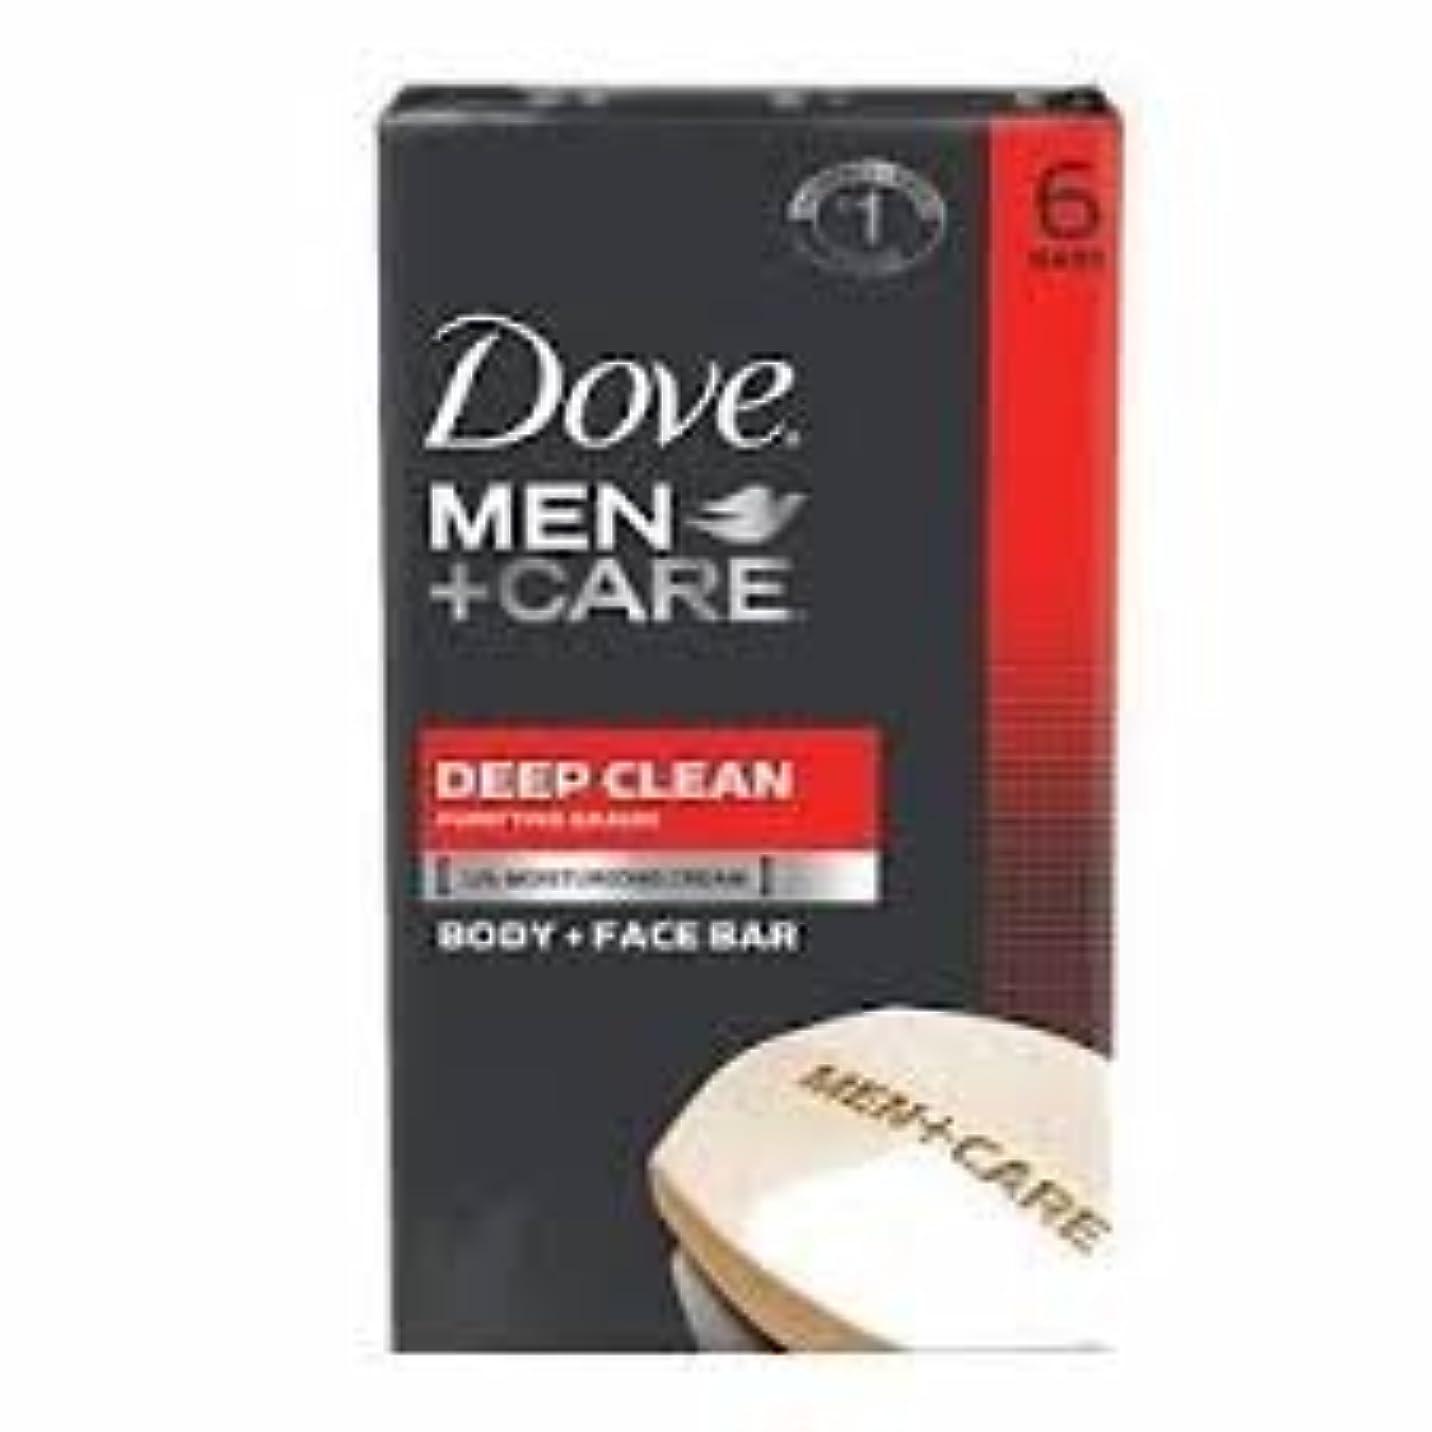 料理をする設計図期間Dove Men + Care Body and Face Bar, Deep Clean 4oz x 6Bars ダブ メン プラスケア ディープ クリーン ソープ 4oz x 6個